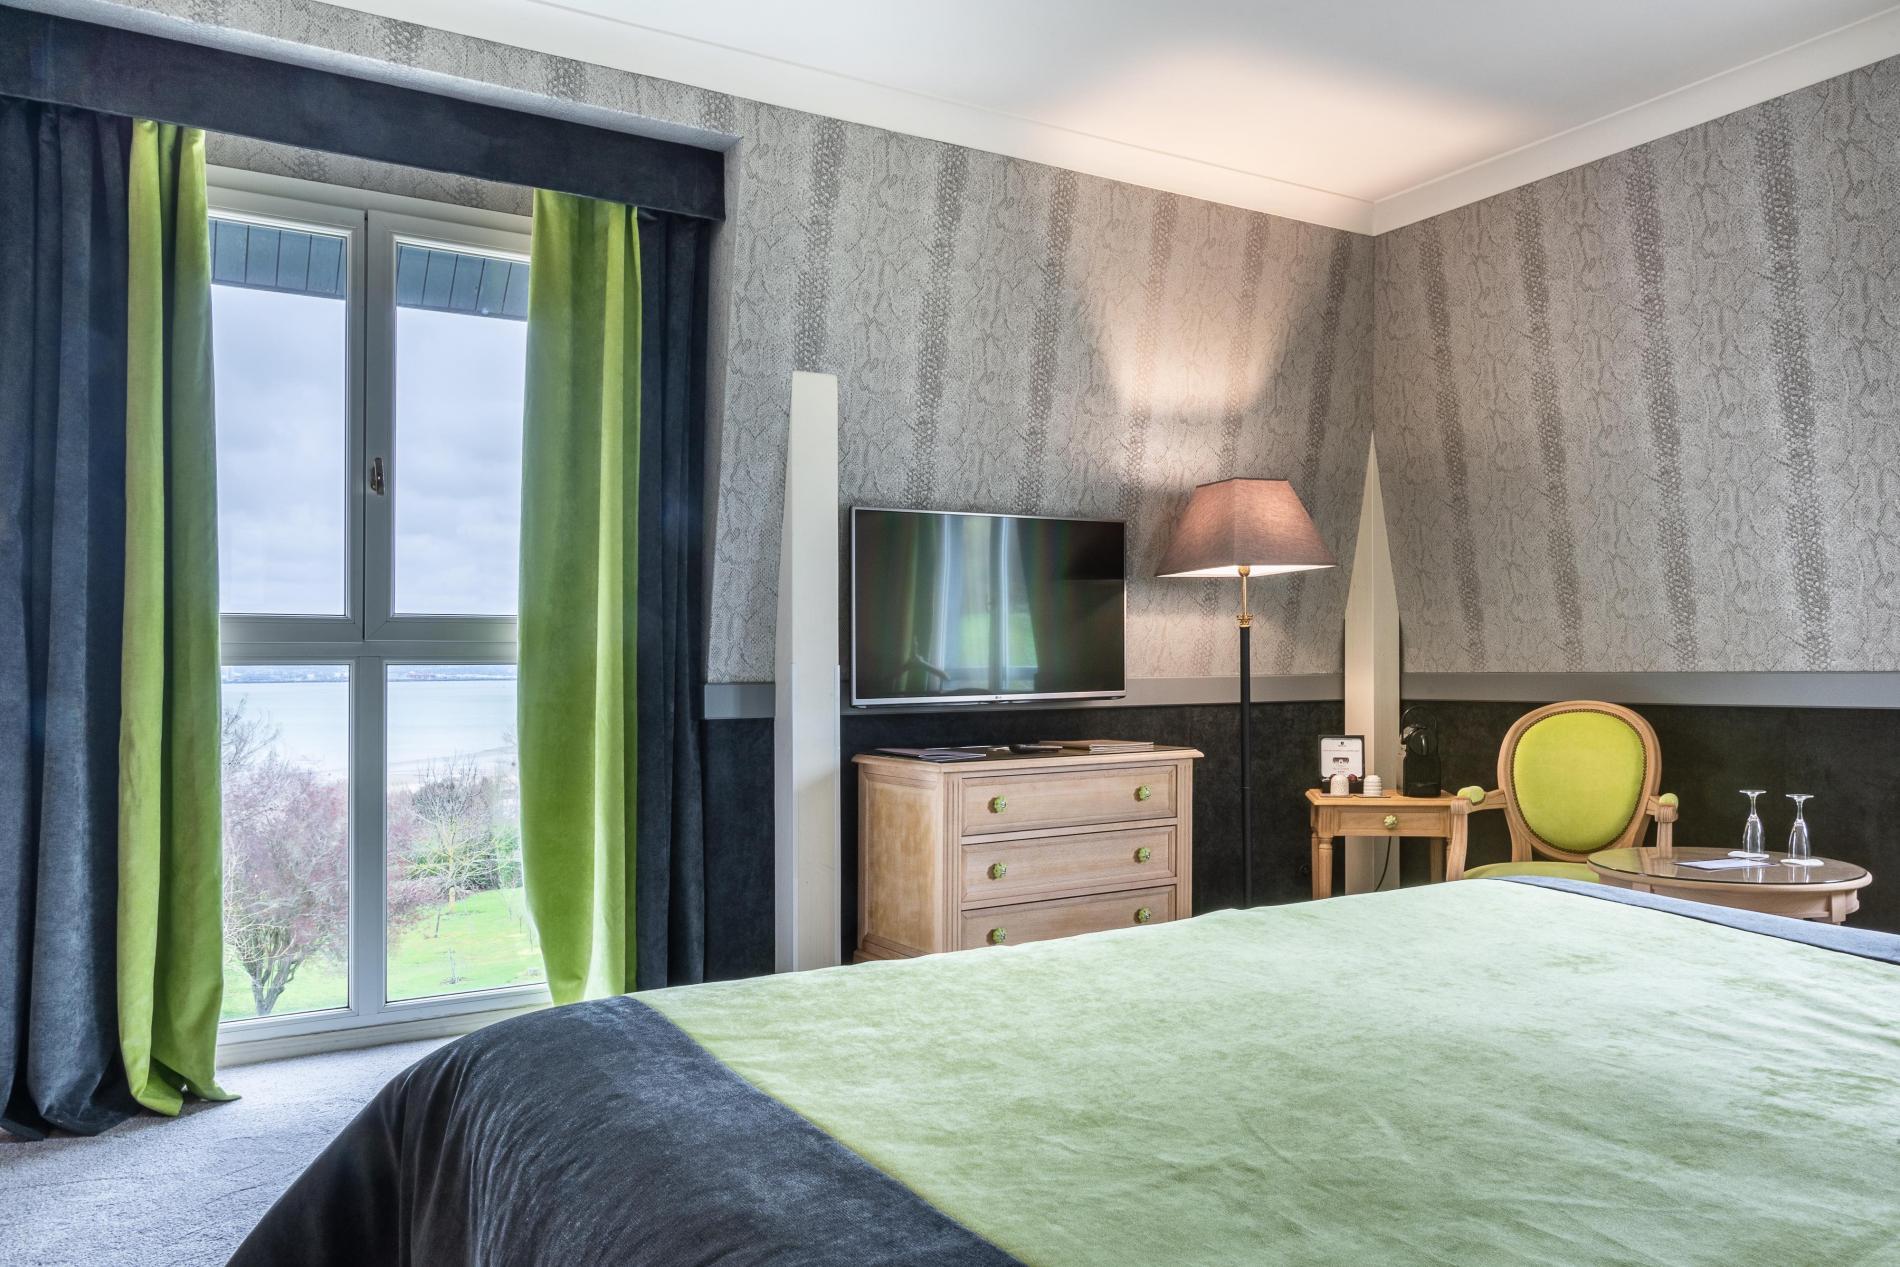 Chambre Exécutive : Séminaire Résidentiel à Deauville